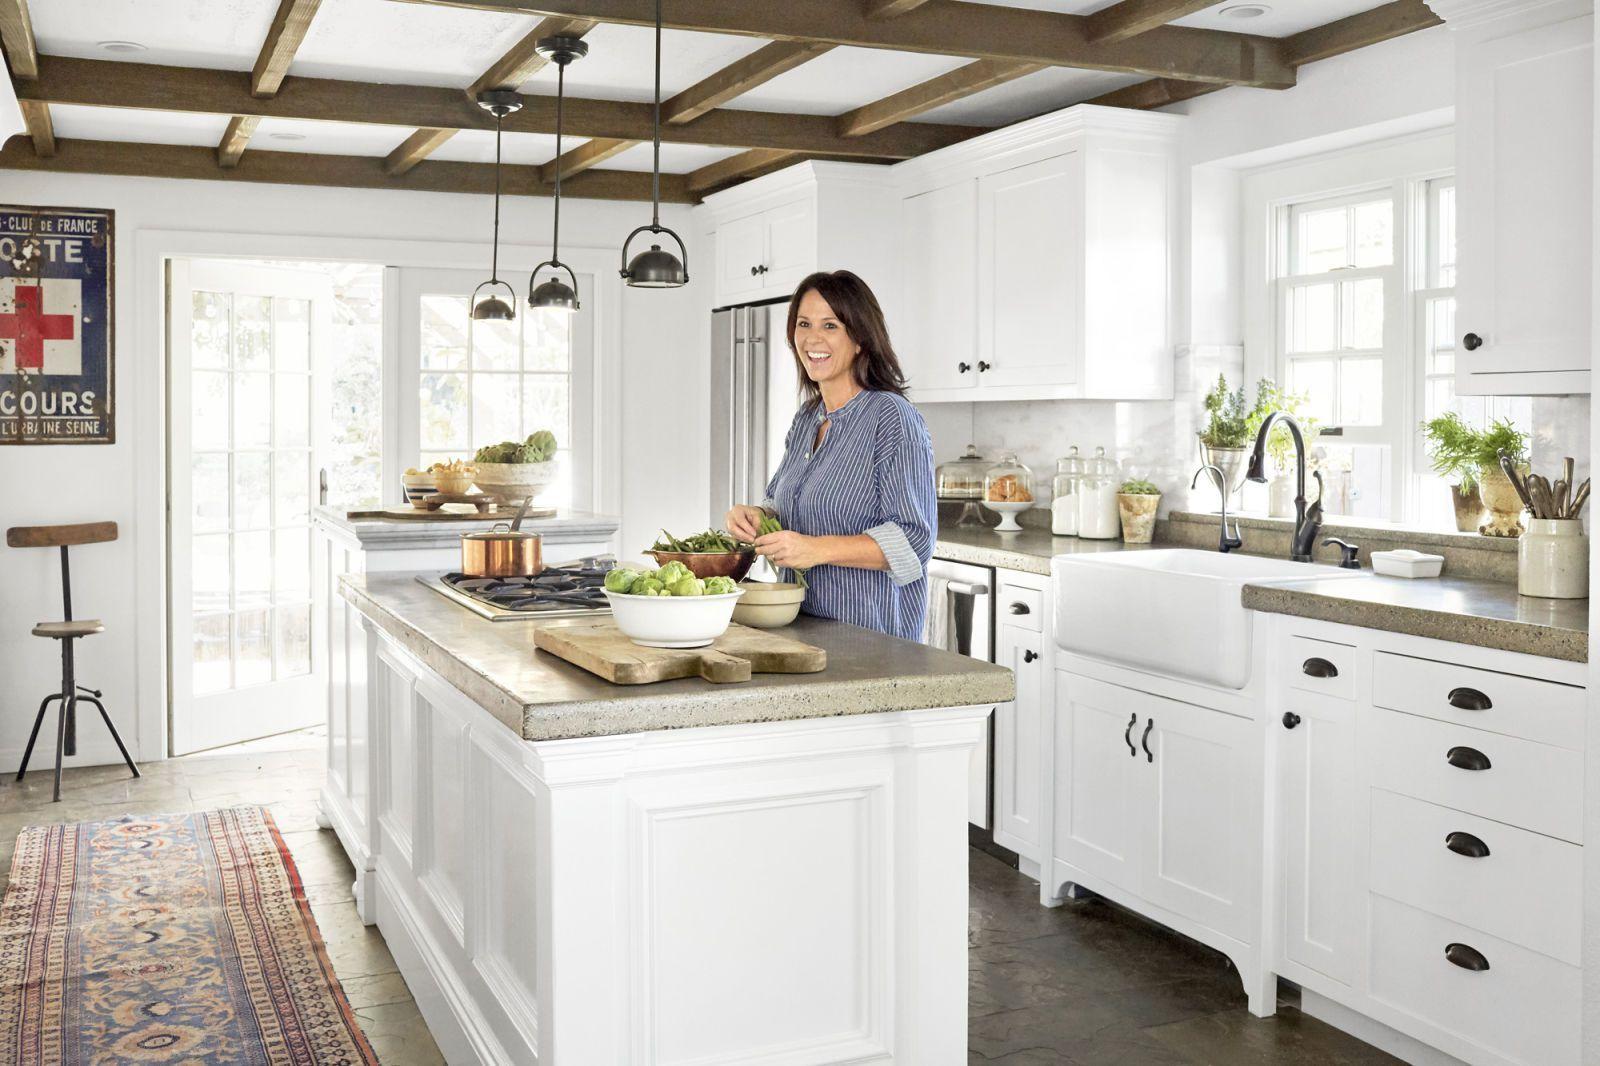 Memudahkan aktivitas memasak di dapur